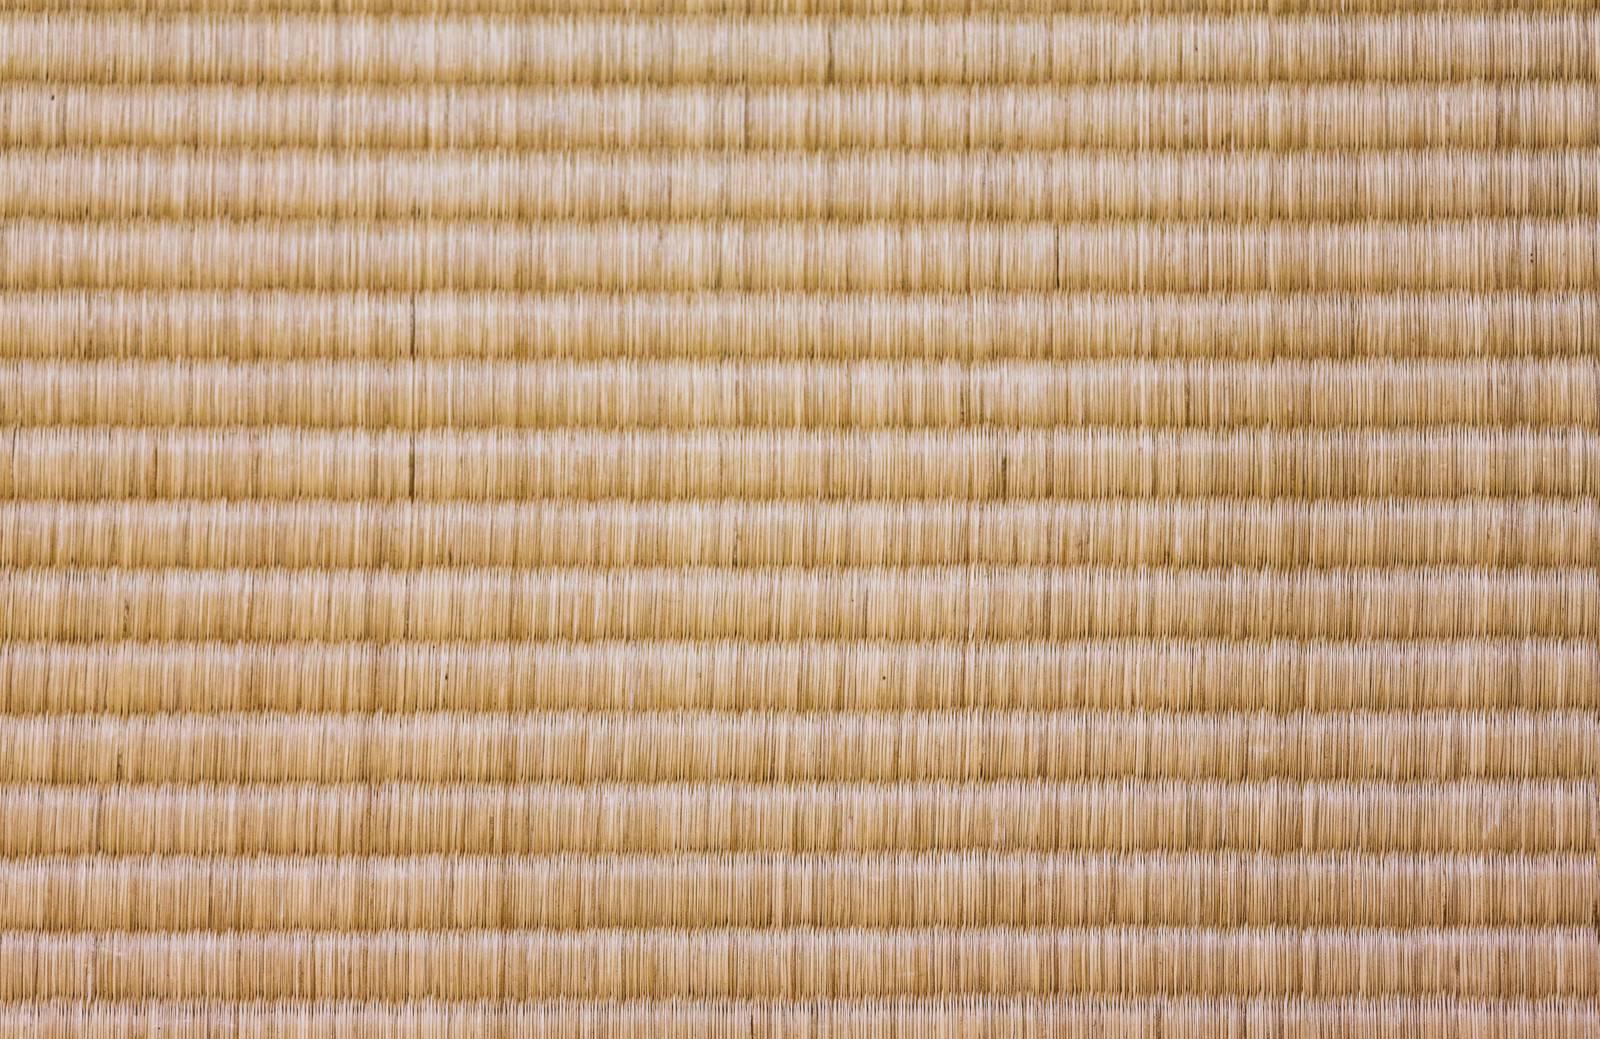 「古い畳のテクスチャー」の写真